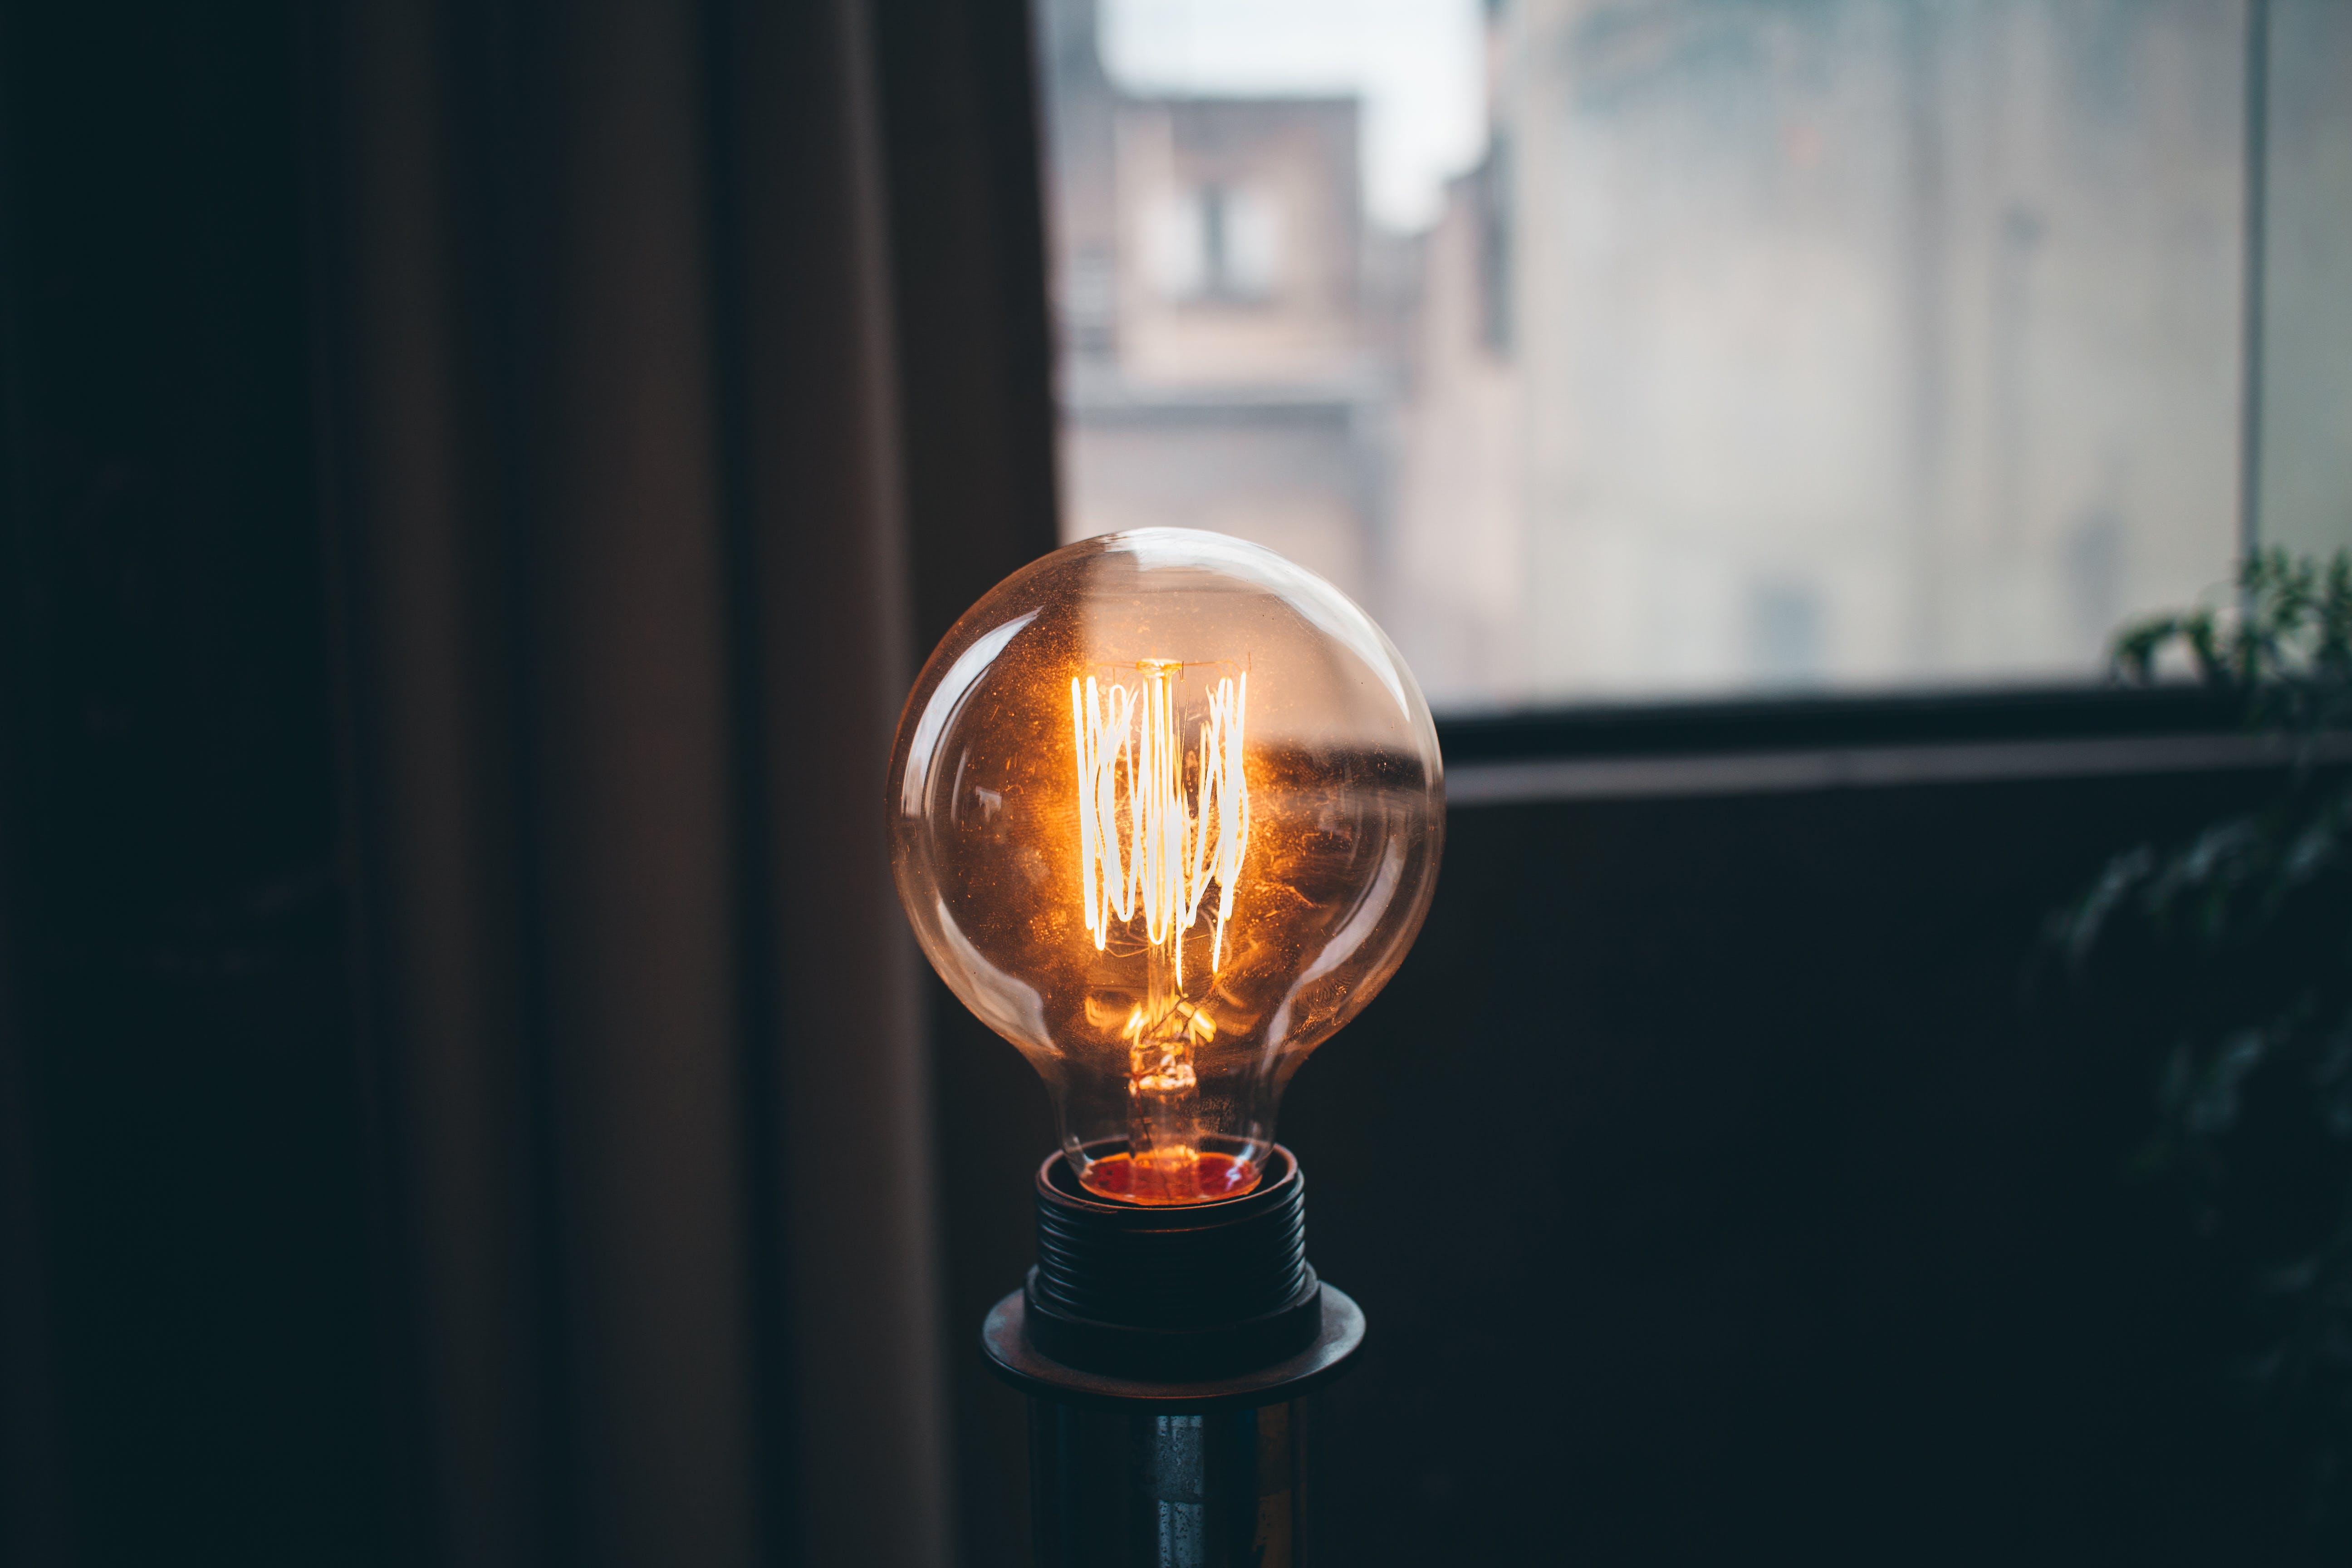 Kostnadsfri bild av elektricitet, energi, glödlampa, lampa